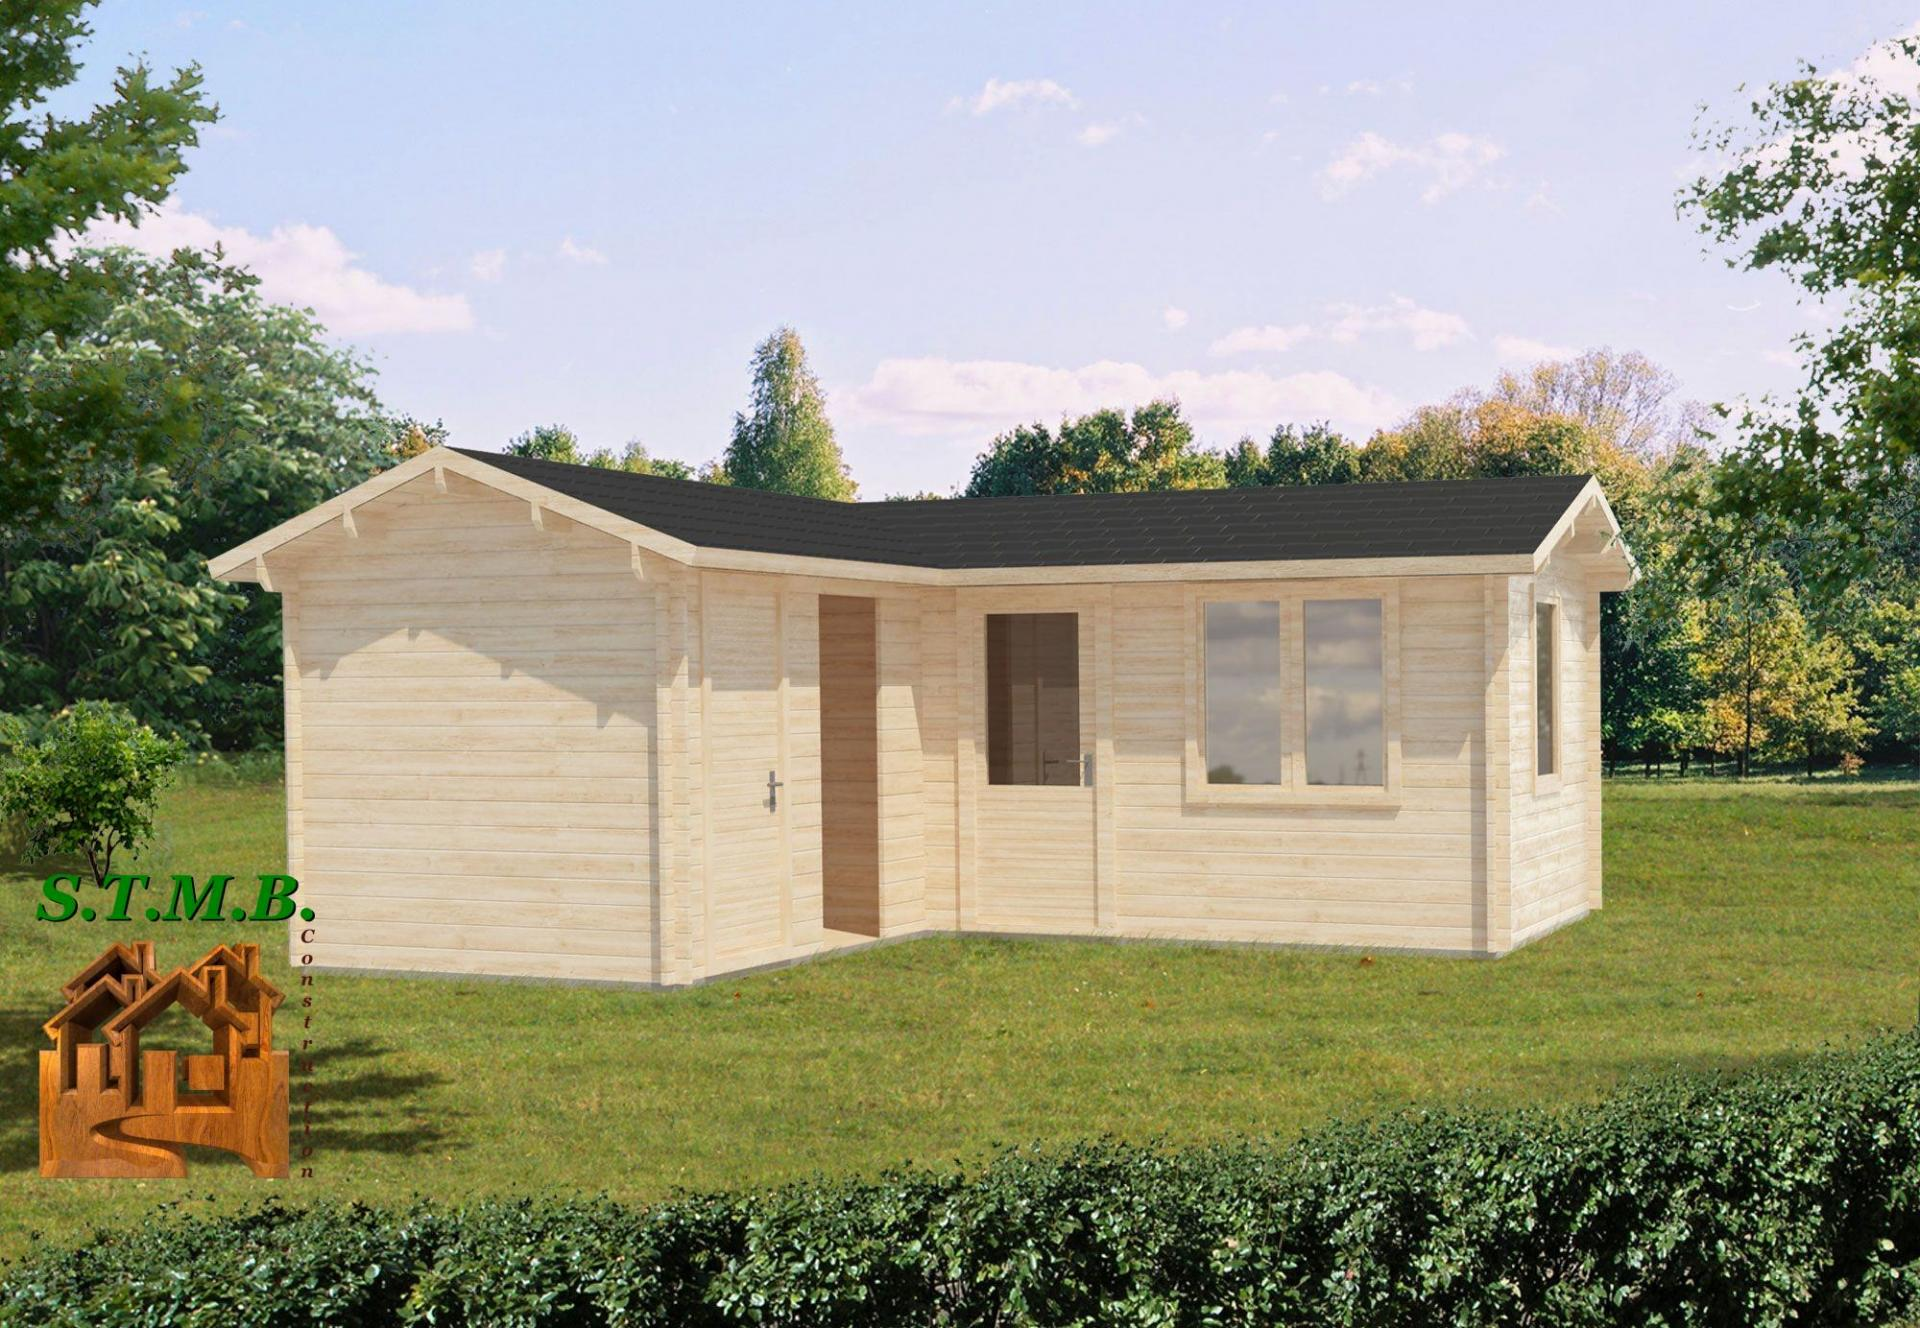 maison bois dur e dans le temps obtenez des id es de design int ressantes en. Black Bedroom Furniture Sets. Home Design Ideas